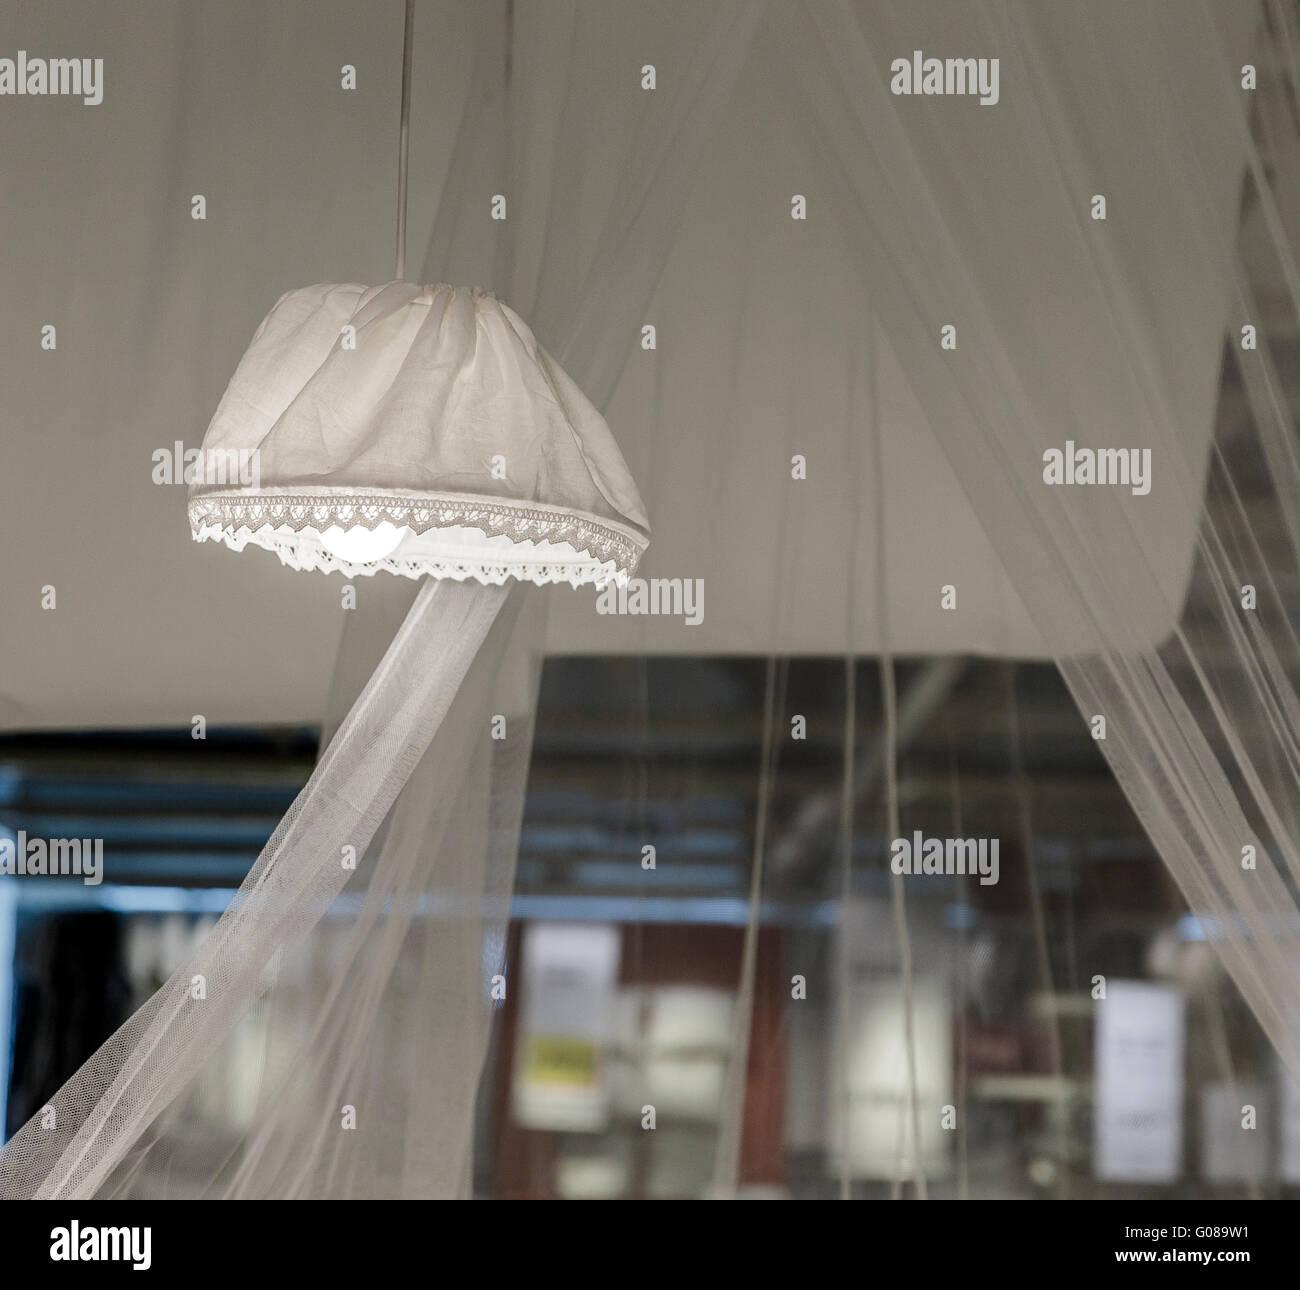 Stoff lampenschirm schlafzimmer stockfoto bild 103445581 alamy - Lampenschirm schlafzimmer ...